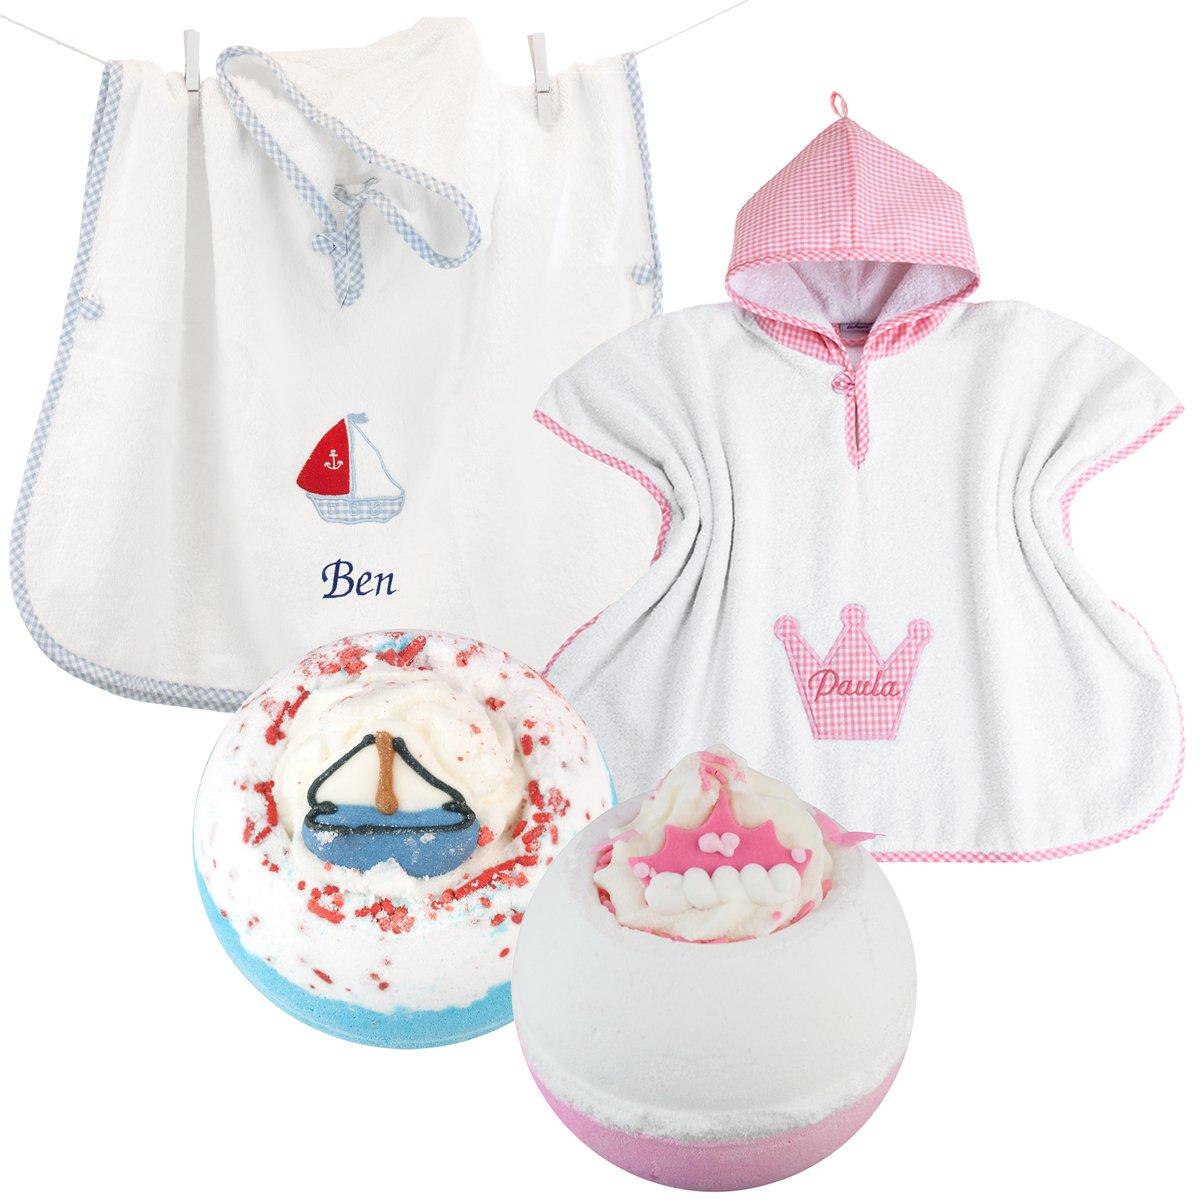 Personalisierte Weihnachtsgeschenke für Kinder